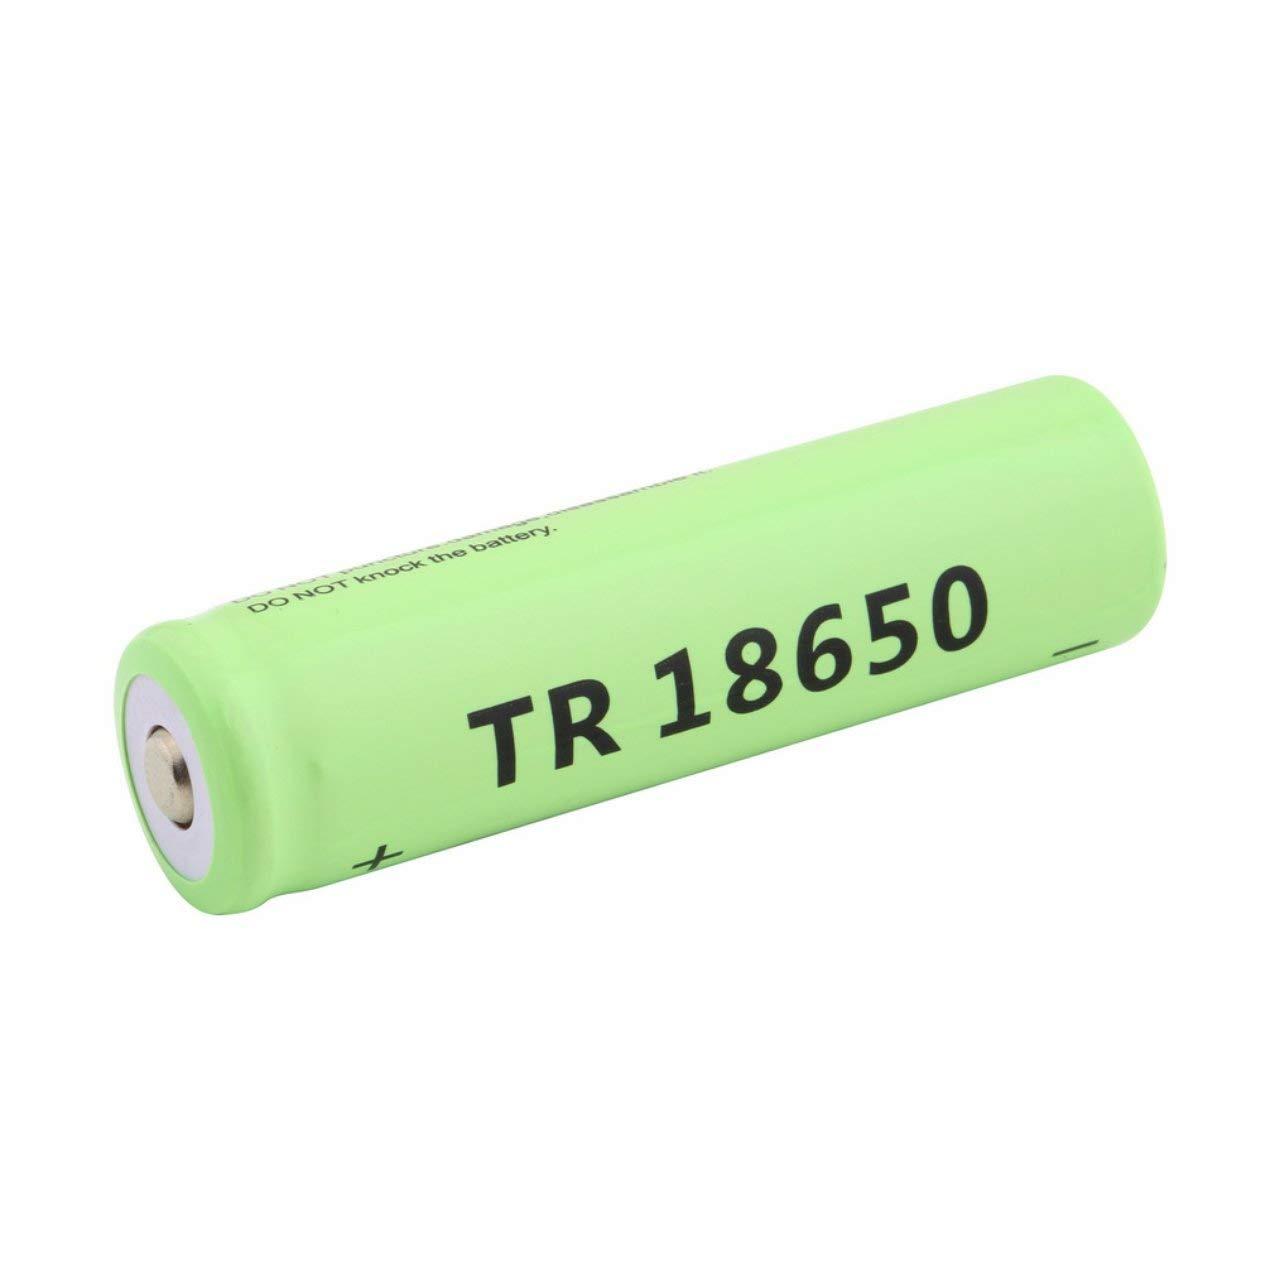 Redstrong 5800mAh 3.7V batería Recargable de Ion-Litio, 18650 Li-Ion 5800mAh Capacidad 3.7V Batería Recargable para linternas de LED Antorchas Baterías de antorcha Azul